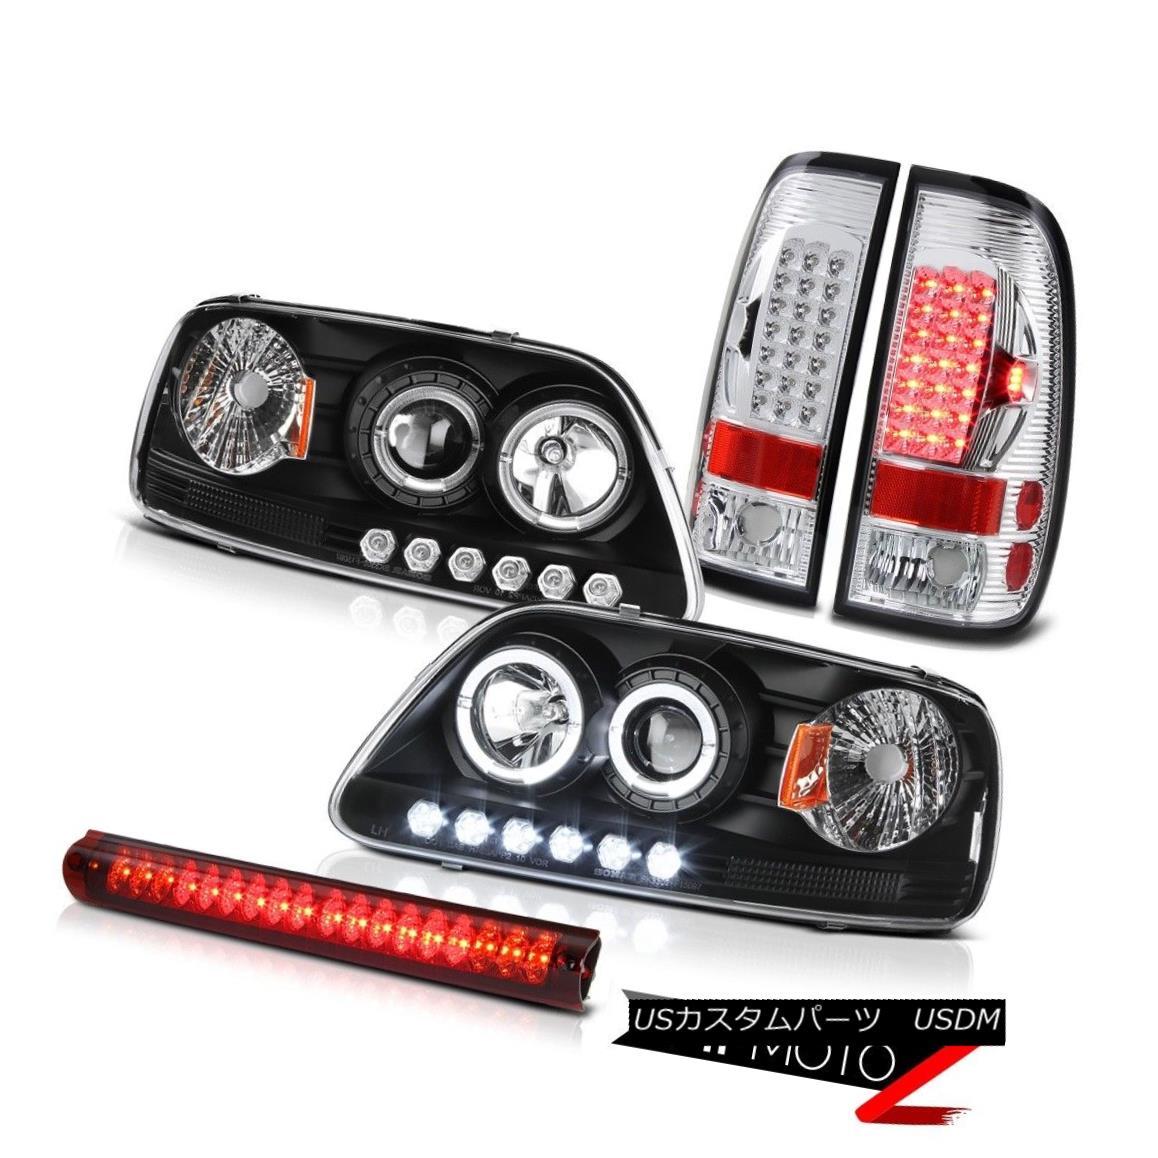 テールライト 1999 2000 2001 F150 Projector Black Headlight SMD Tail Light Brake Lamp Red LED 1999 2000 2001 F150プロジェクターブラックヘッドライトSMDテールライトブレーキランプレッドLED